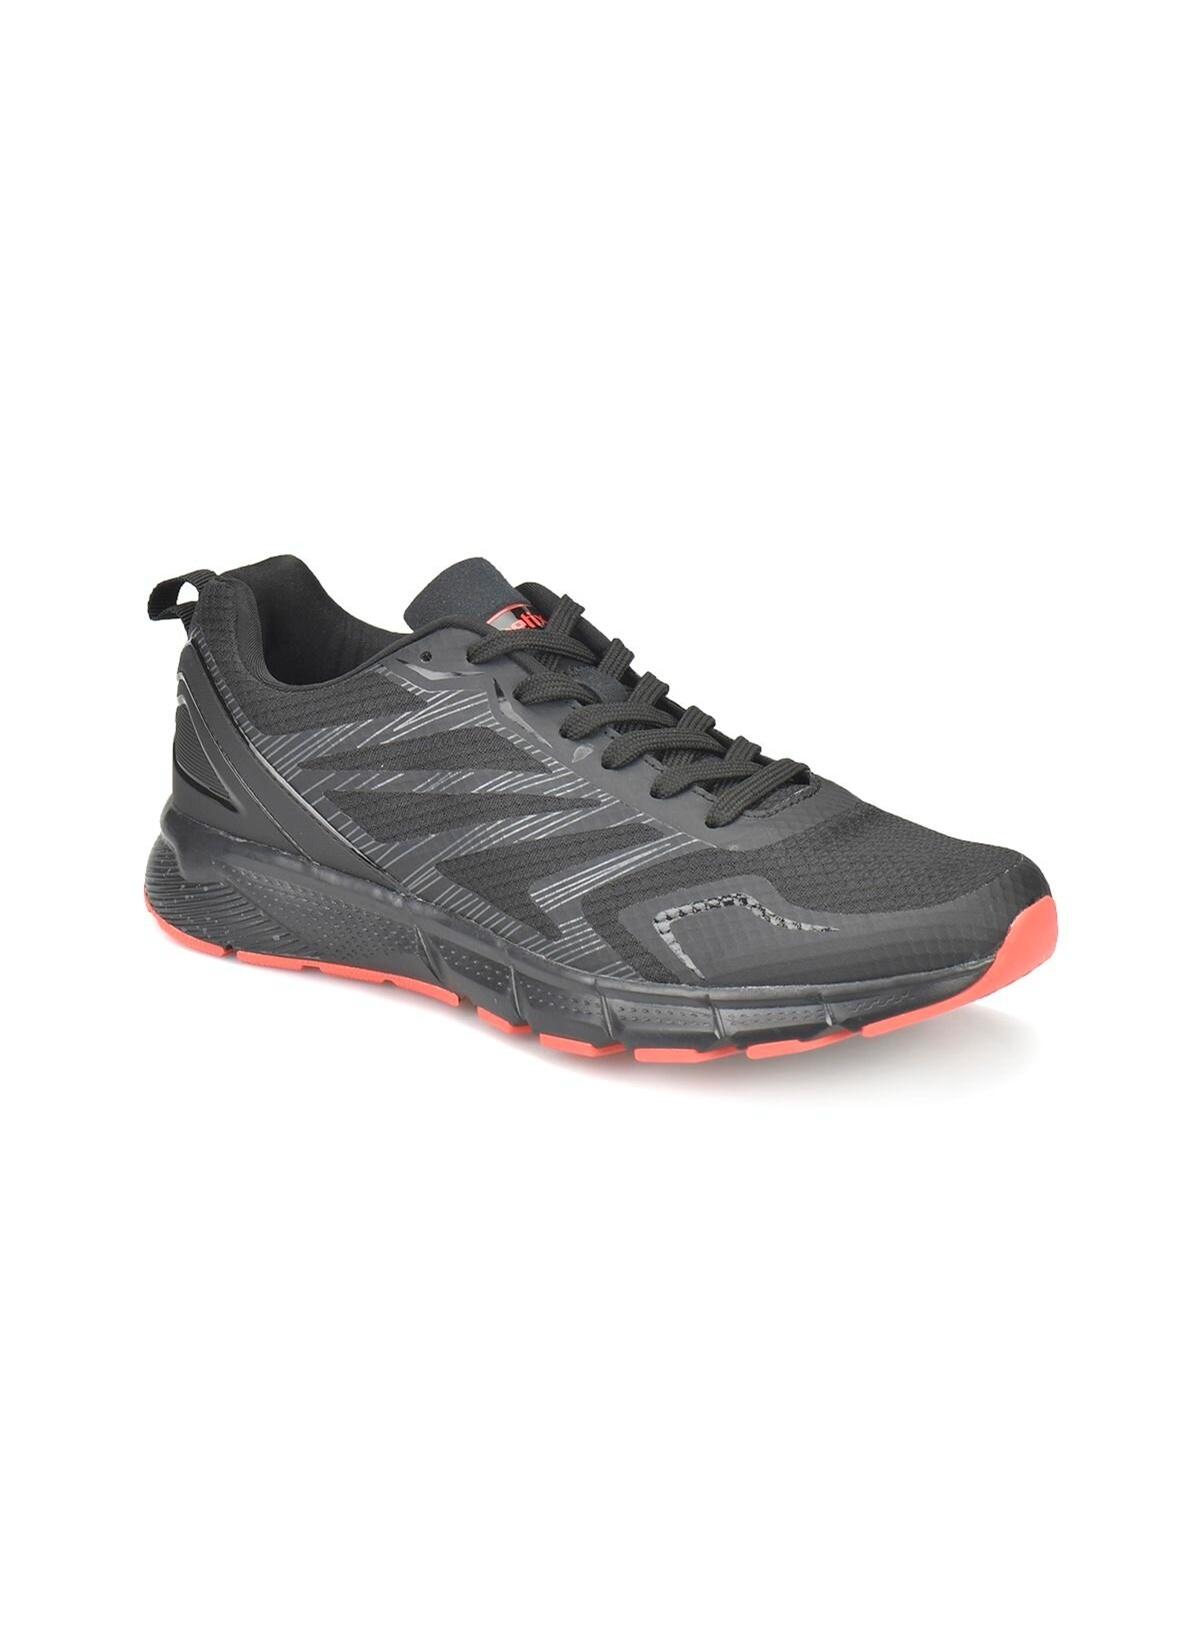 Kinetix Fitness Ayakkabısı Fazer Fitness Ayakkabısı – 229.99 TL